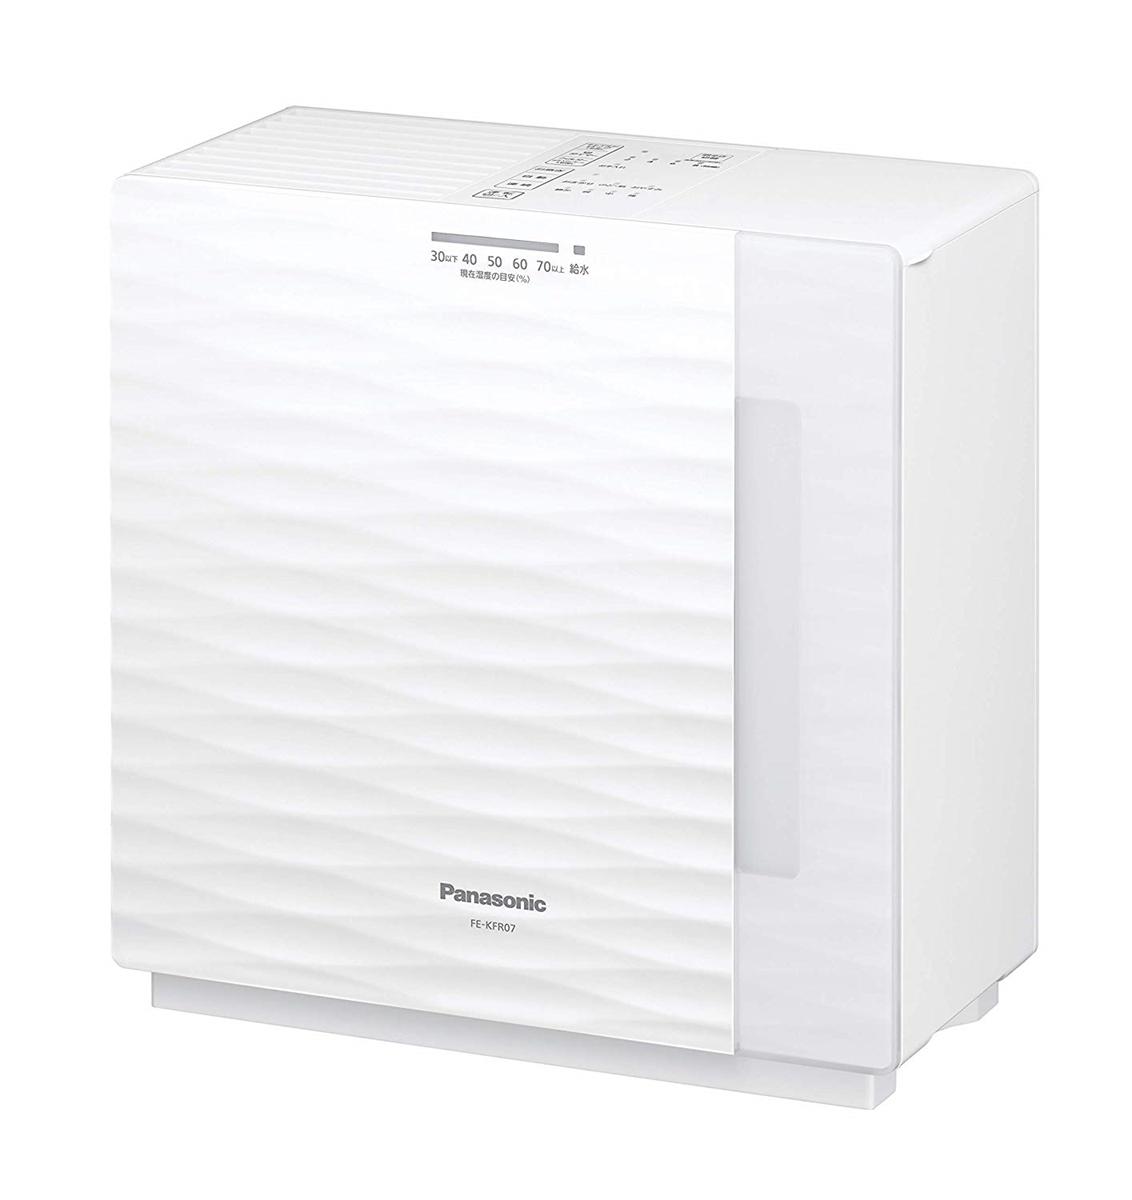 パナソニック Panasonic 加湿機 気化式 ~19畳 ミルキーホワイト FE-KFR07-W